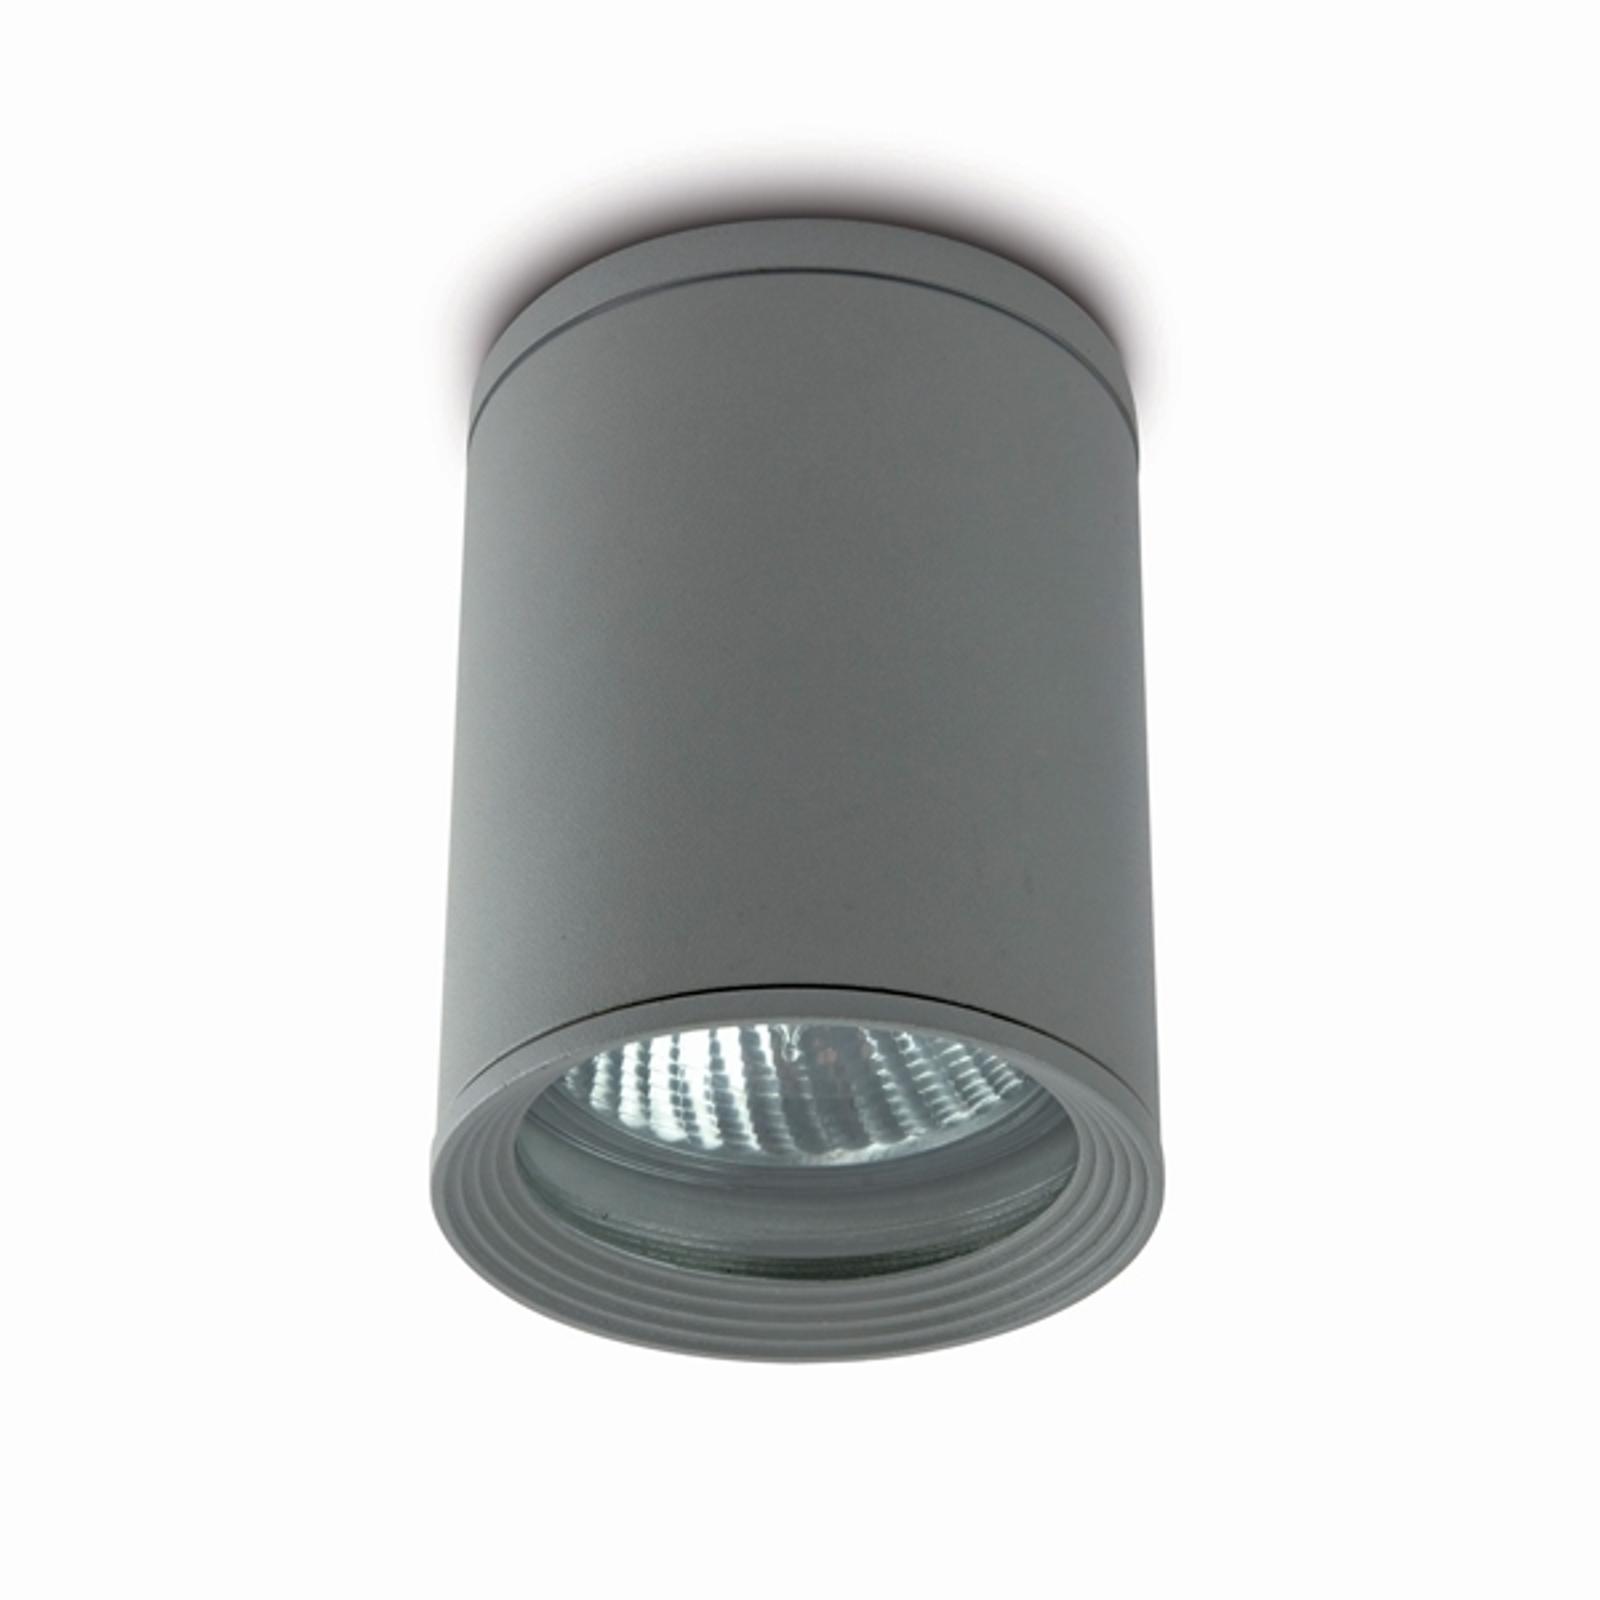 Eksklusive Tasa utendørs taklampe